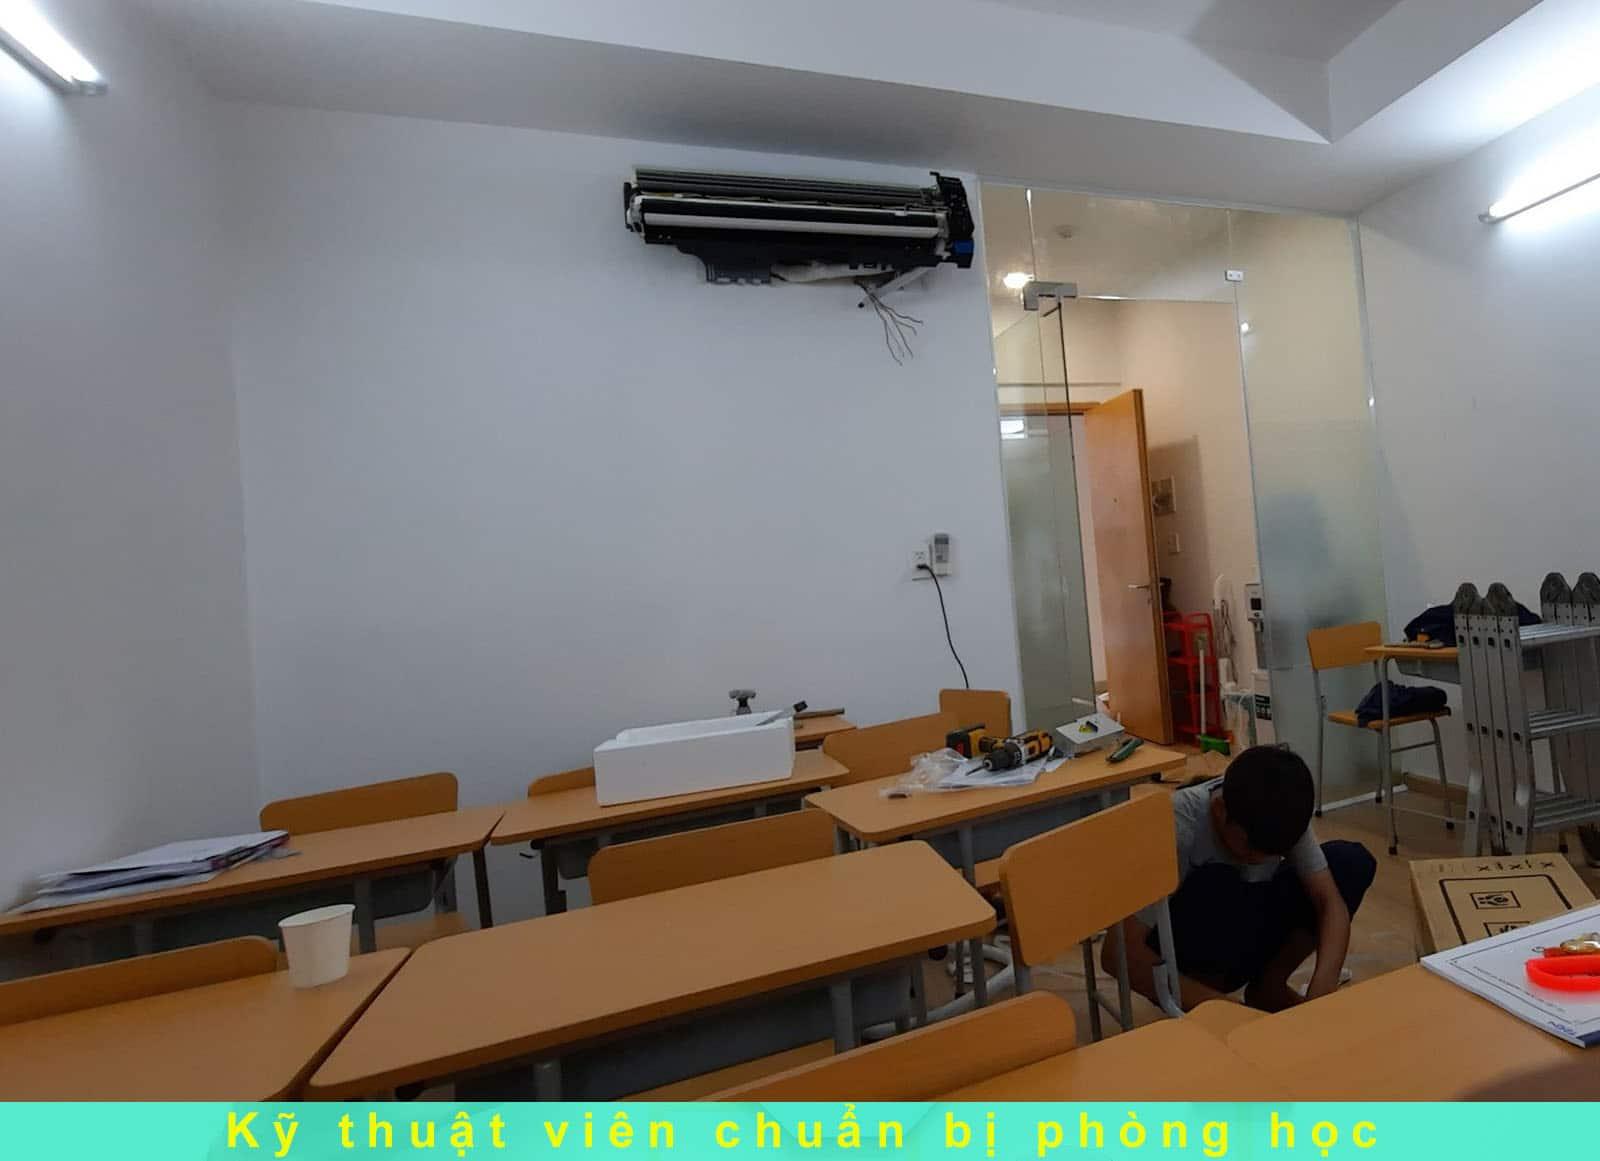 Kỹ thuật viên chuẩn bị phòng học tại IMTA